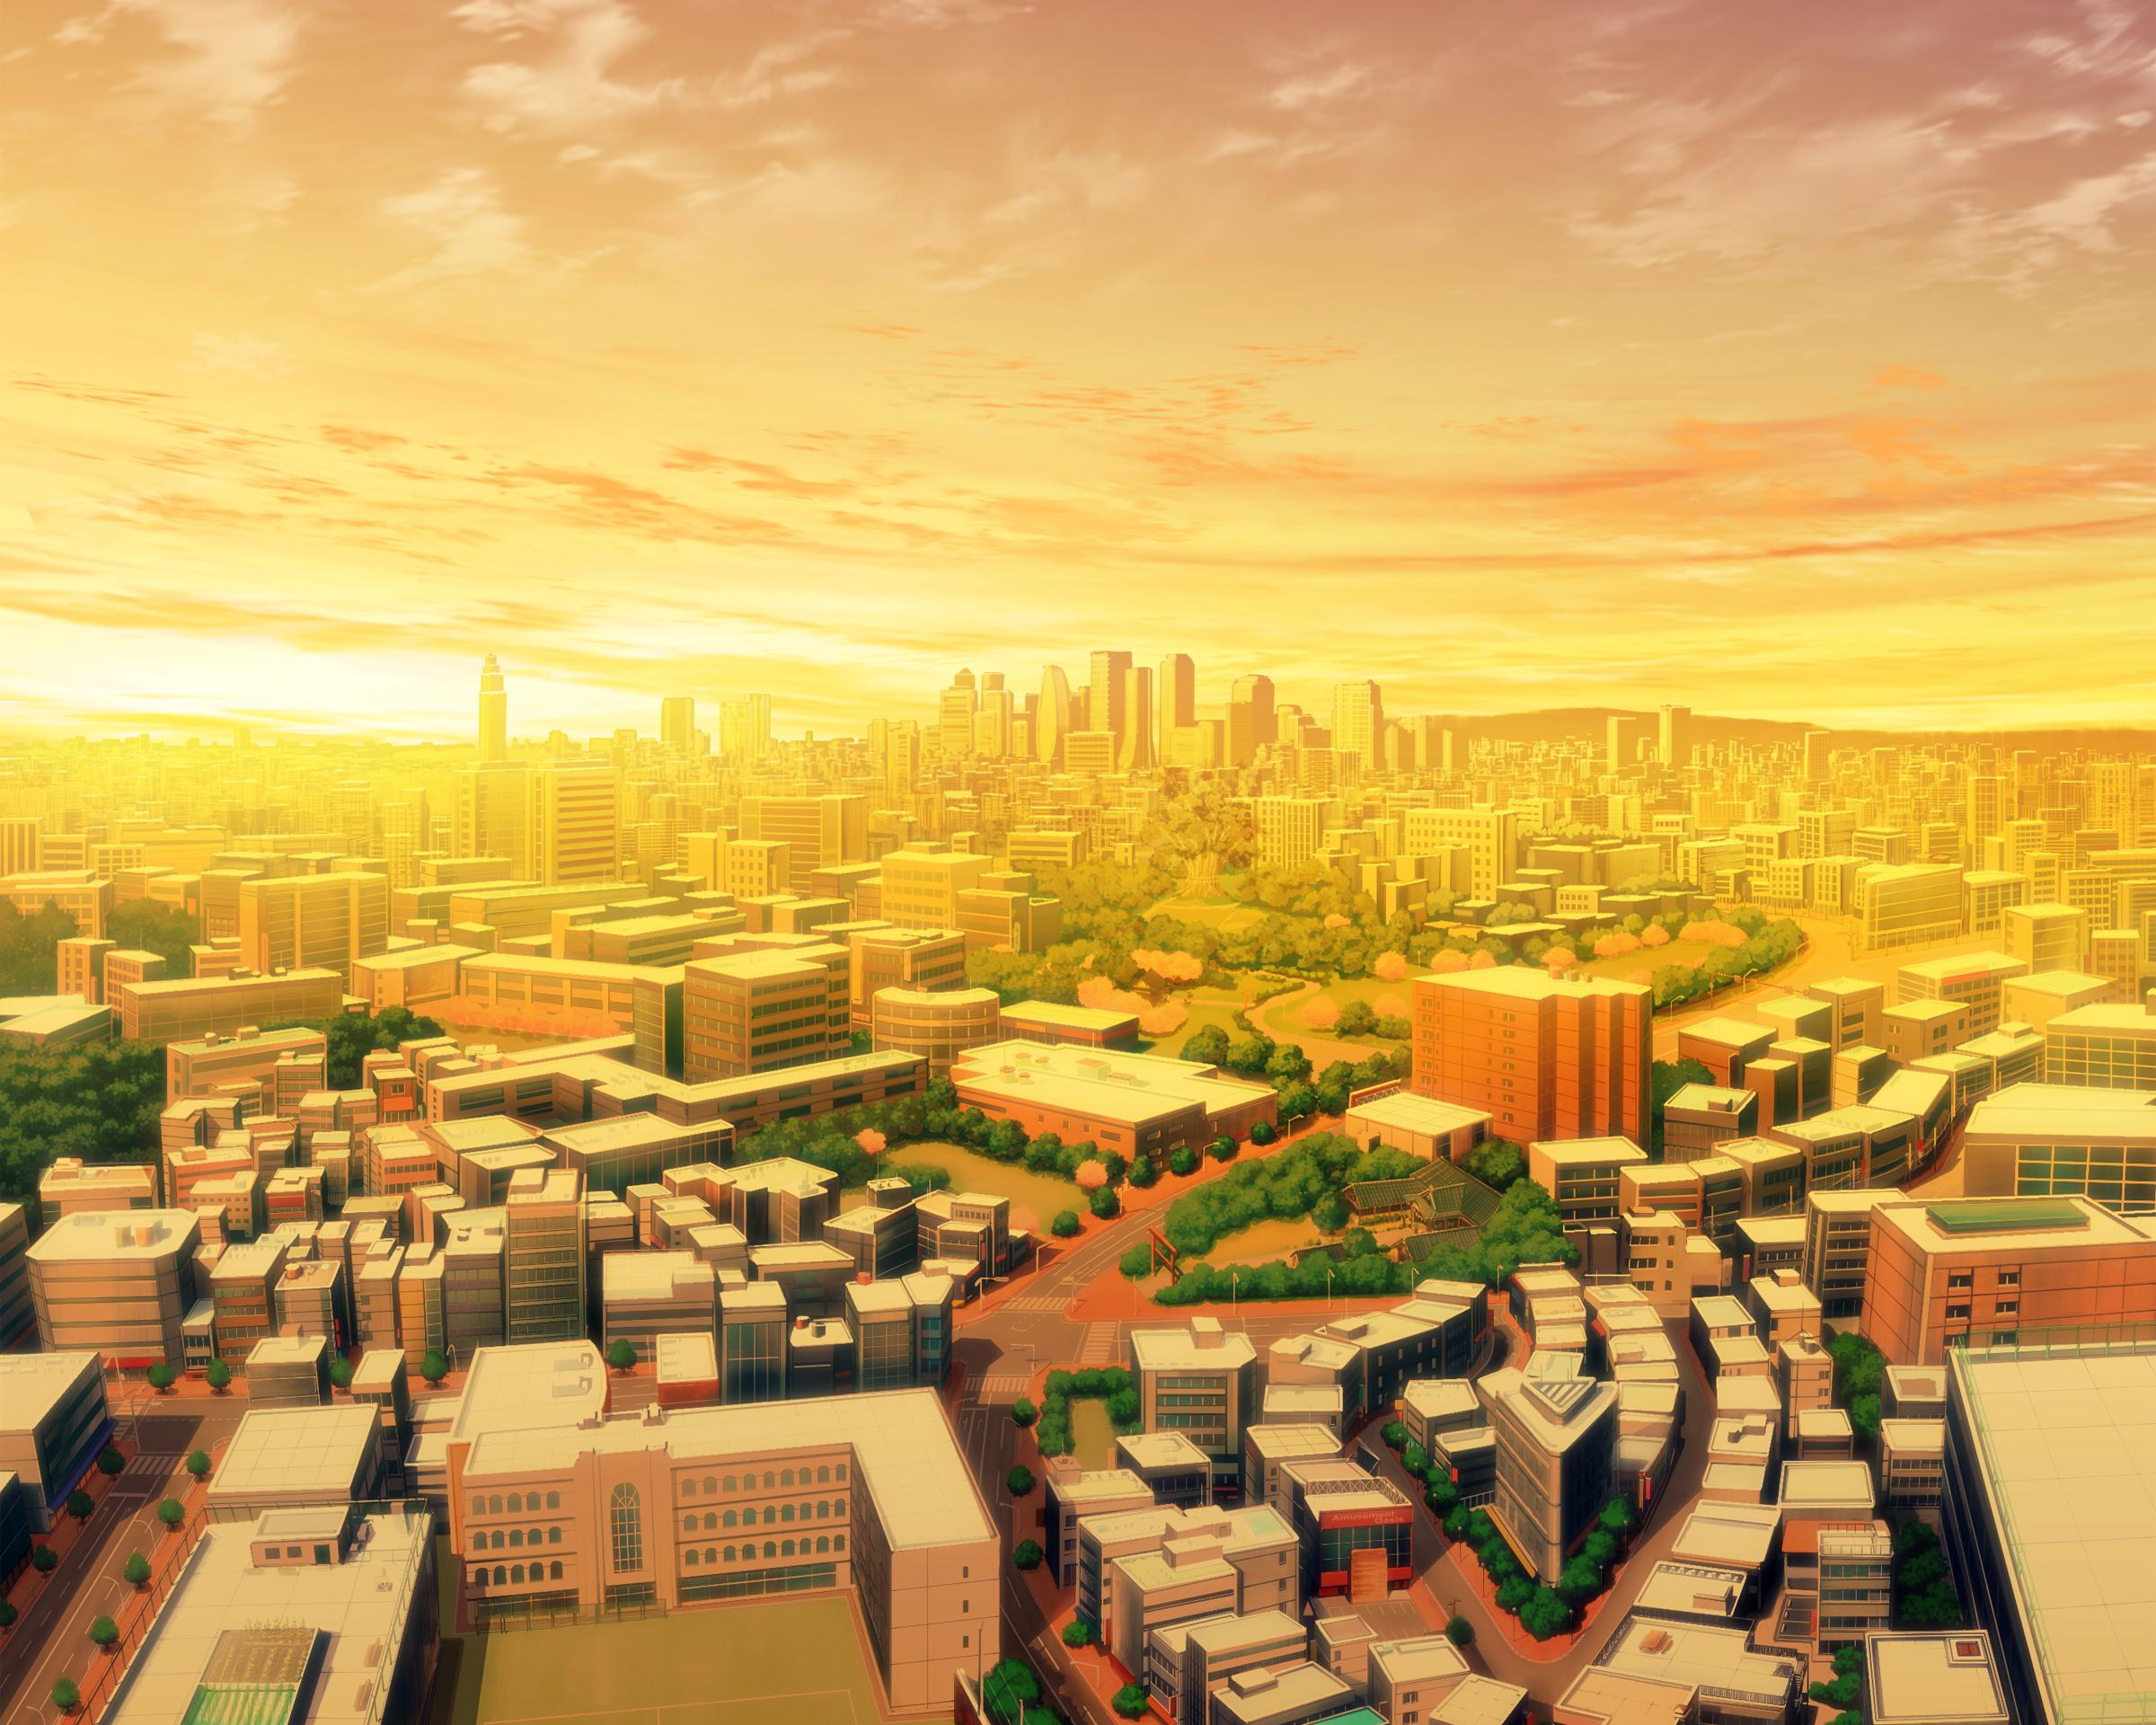 Sunset City Building Building City Clouds Landscape